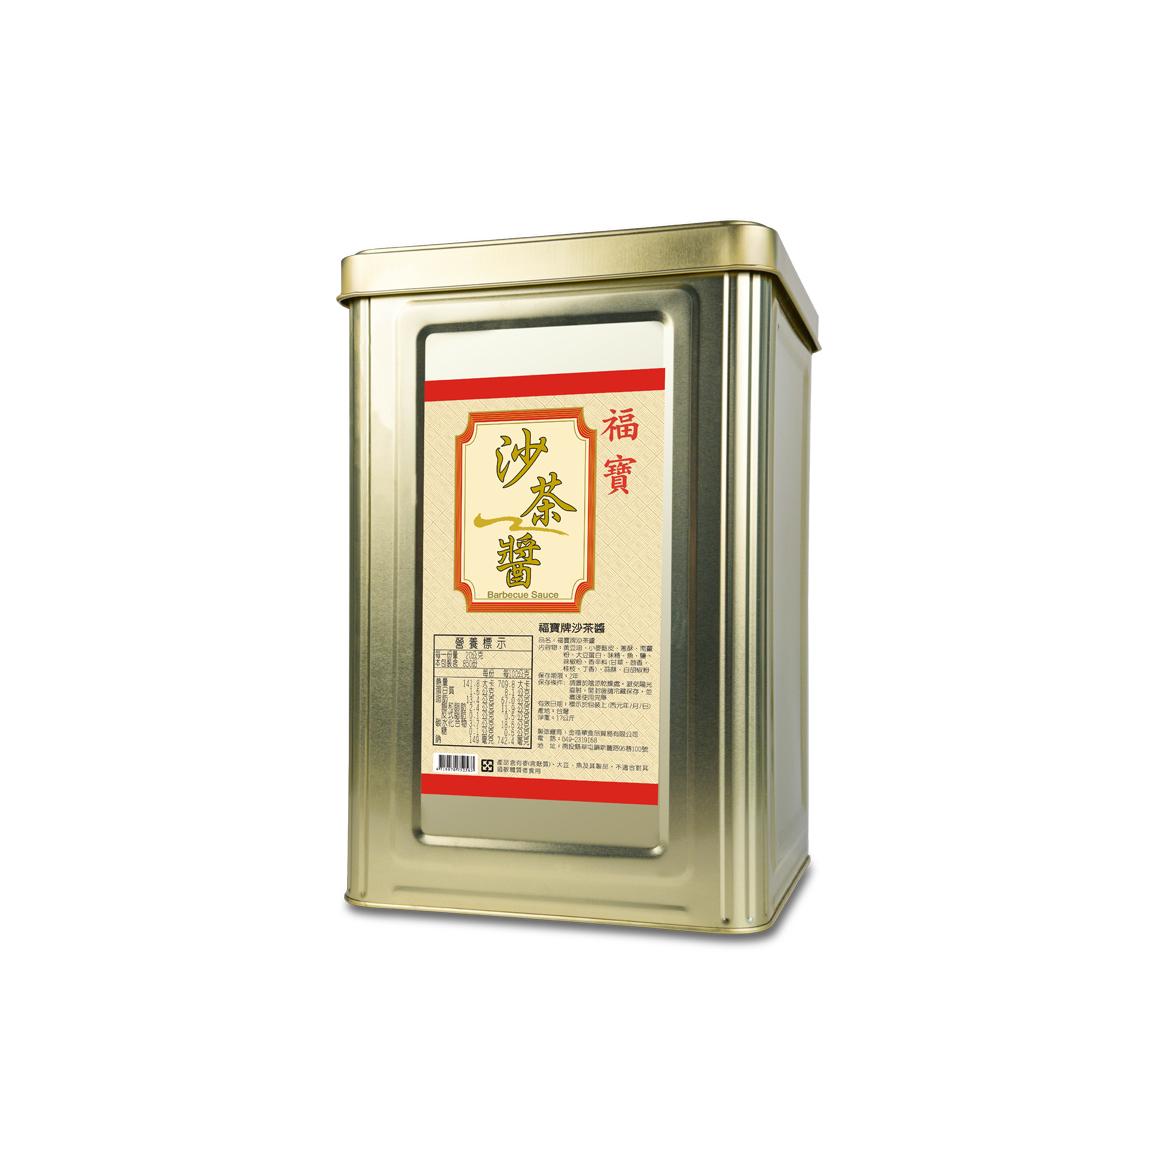 20200615-B102-1福寶牌沙茶醬-17kg桶裝-官網1160X1160